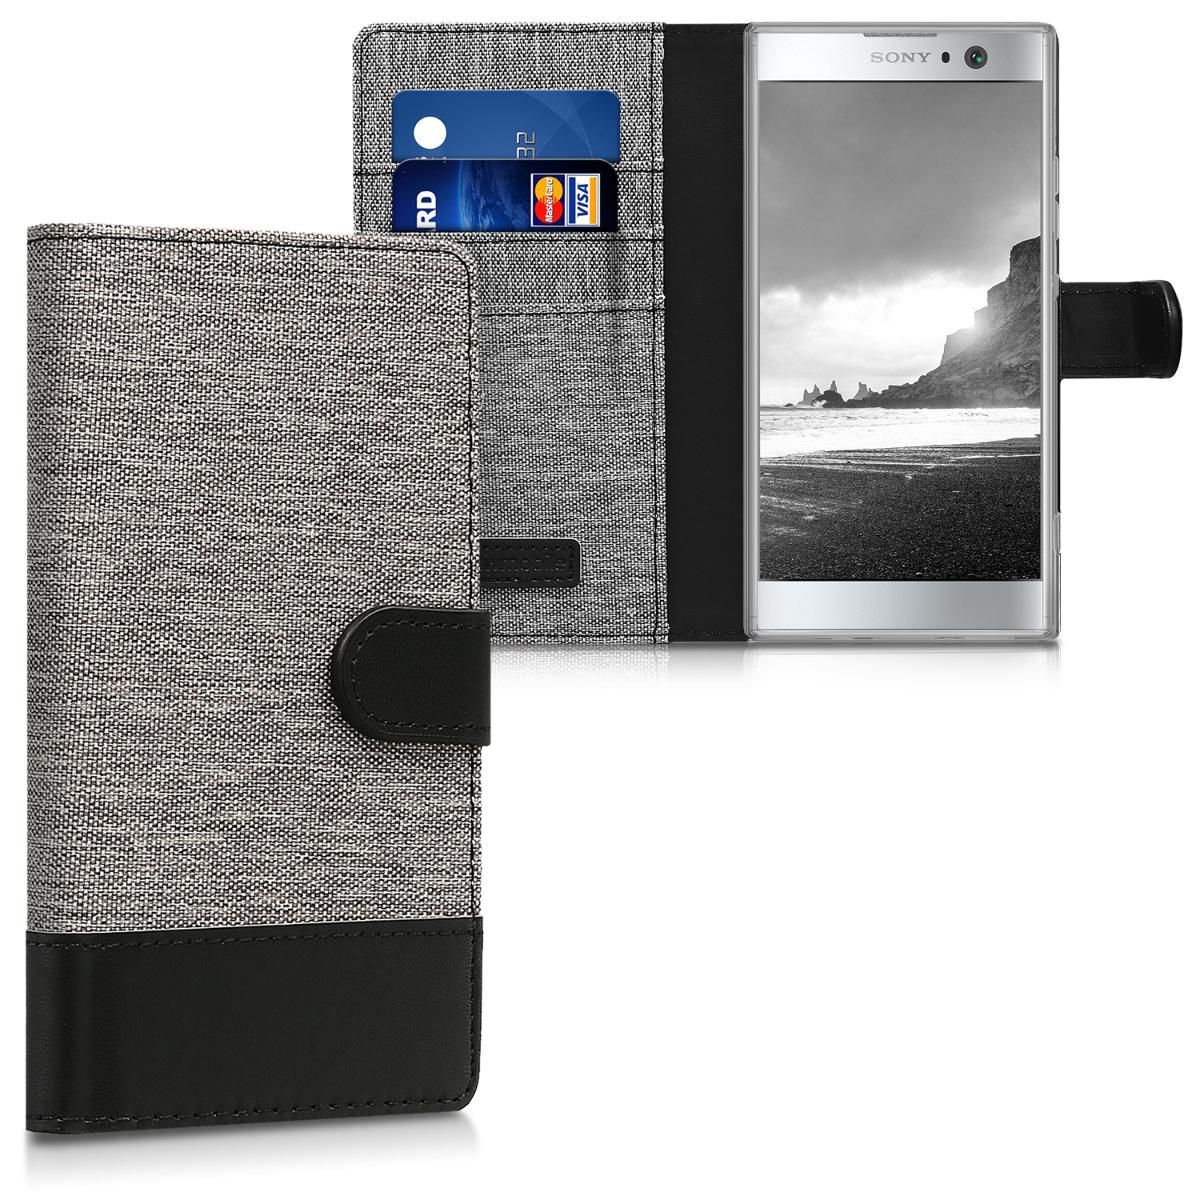 Textilní látkové pouzdro | obal pro Sony Xperia XA2 - šedé/ černé